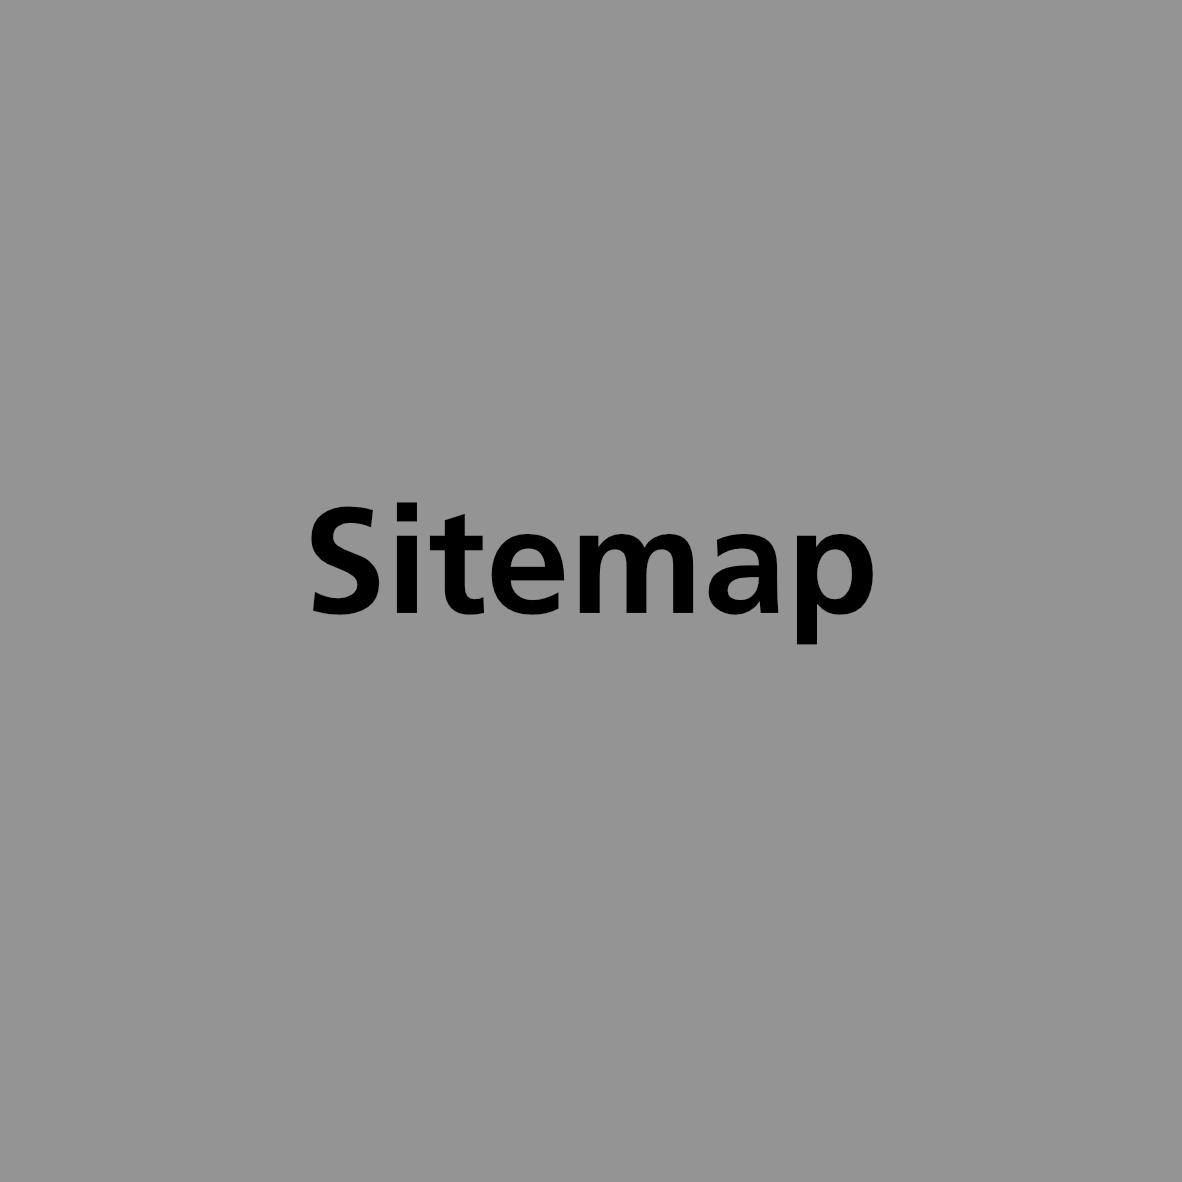 Sitemap, waste-art Georg Marbet